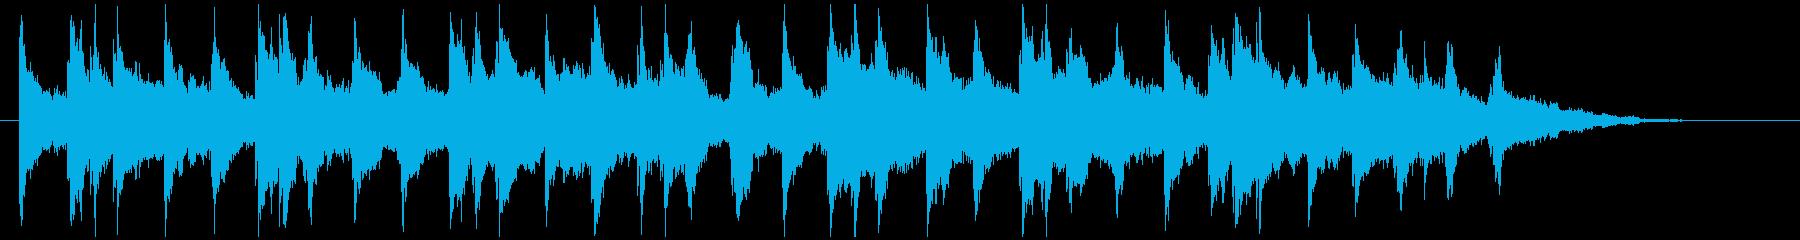 アンビエントで雰囲気のあるソフトピアノの再生済みの波形